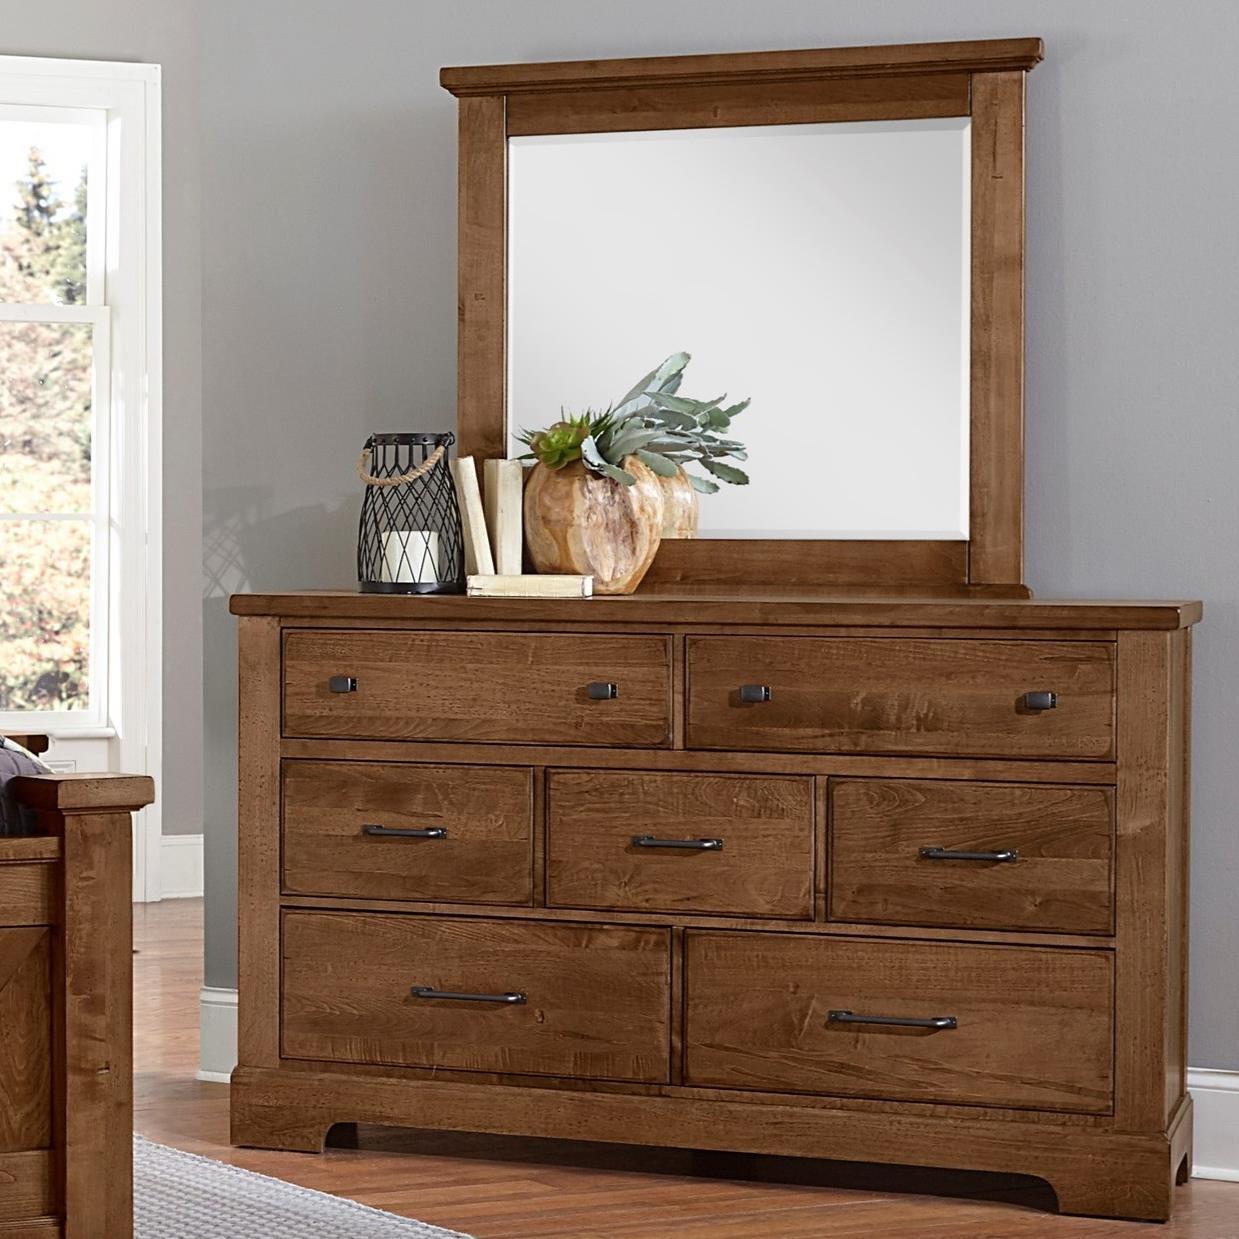 Wexler Dresser & Landscape Mirror by Artisan & Post at Crowley Furniture & Mattress